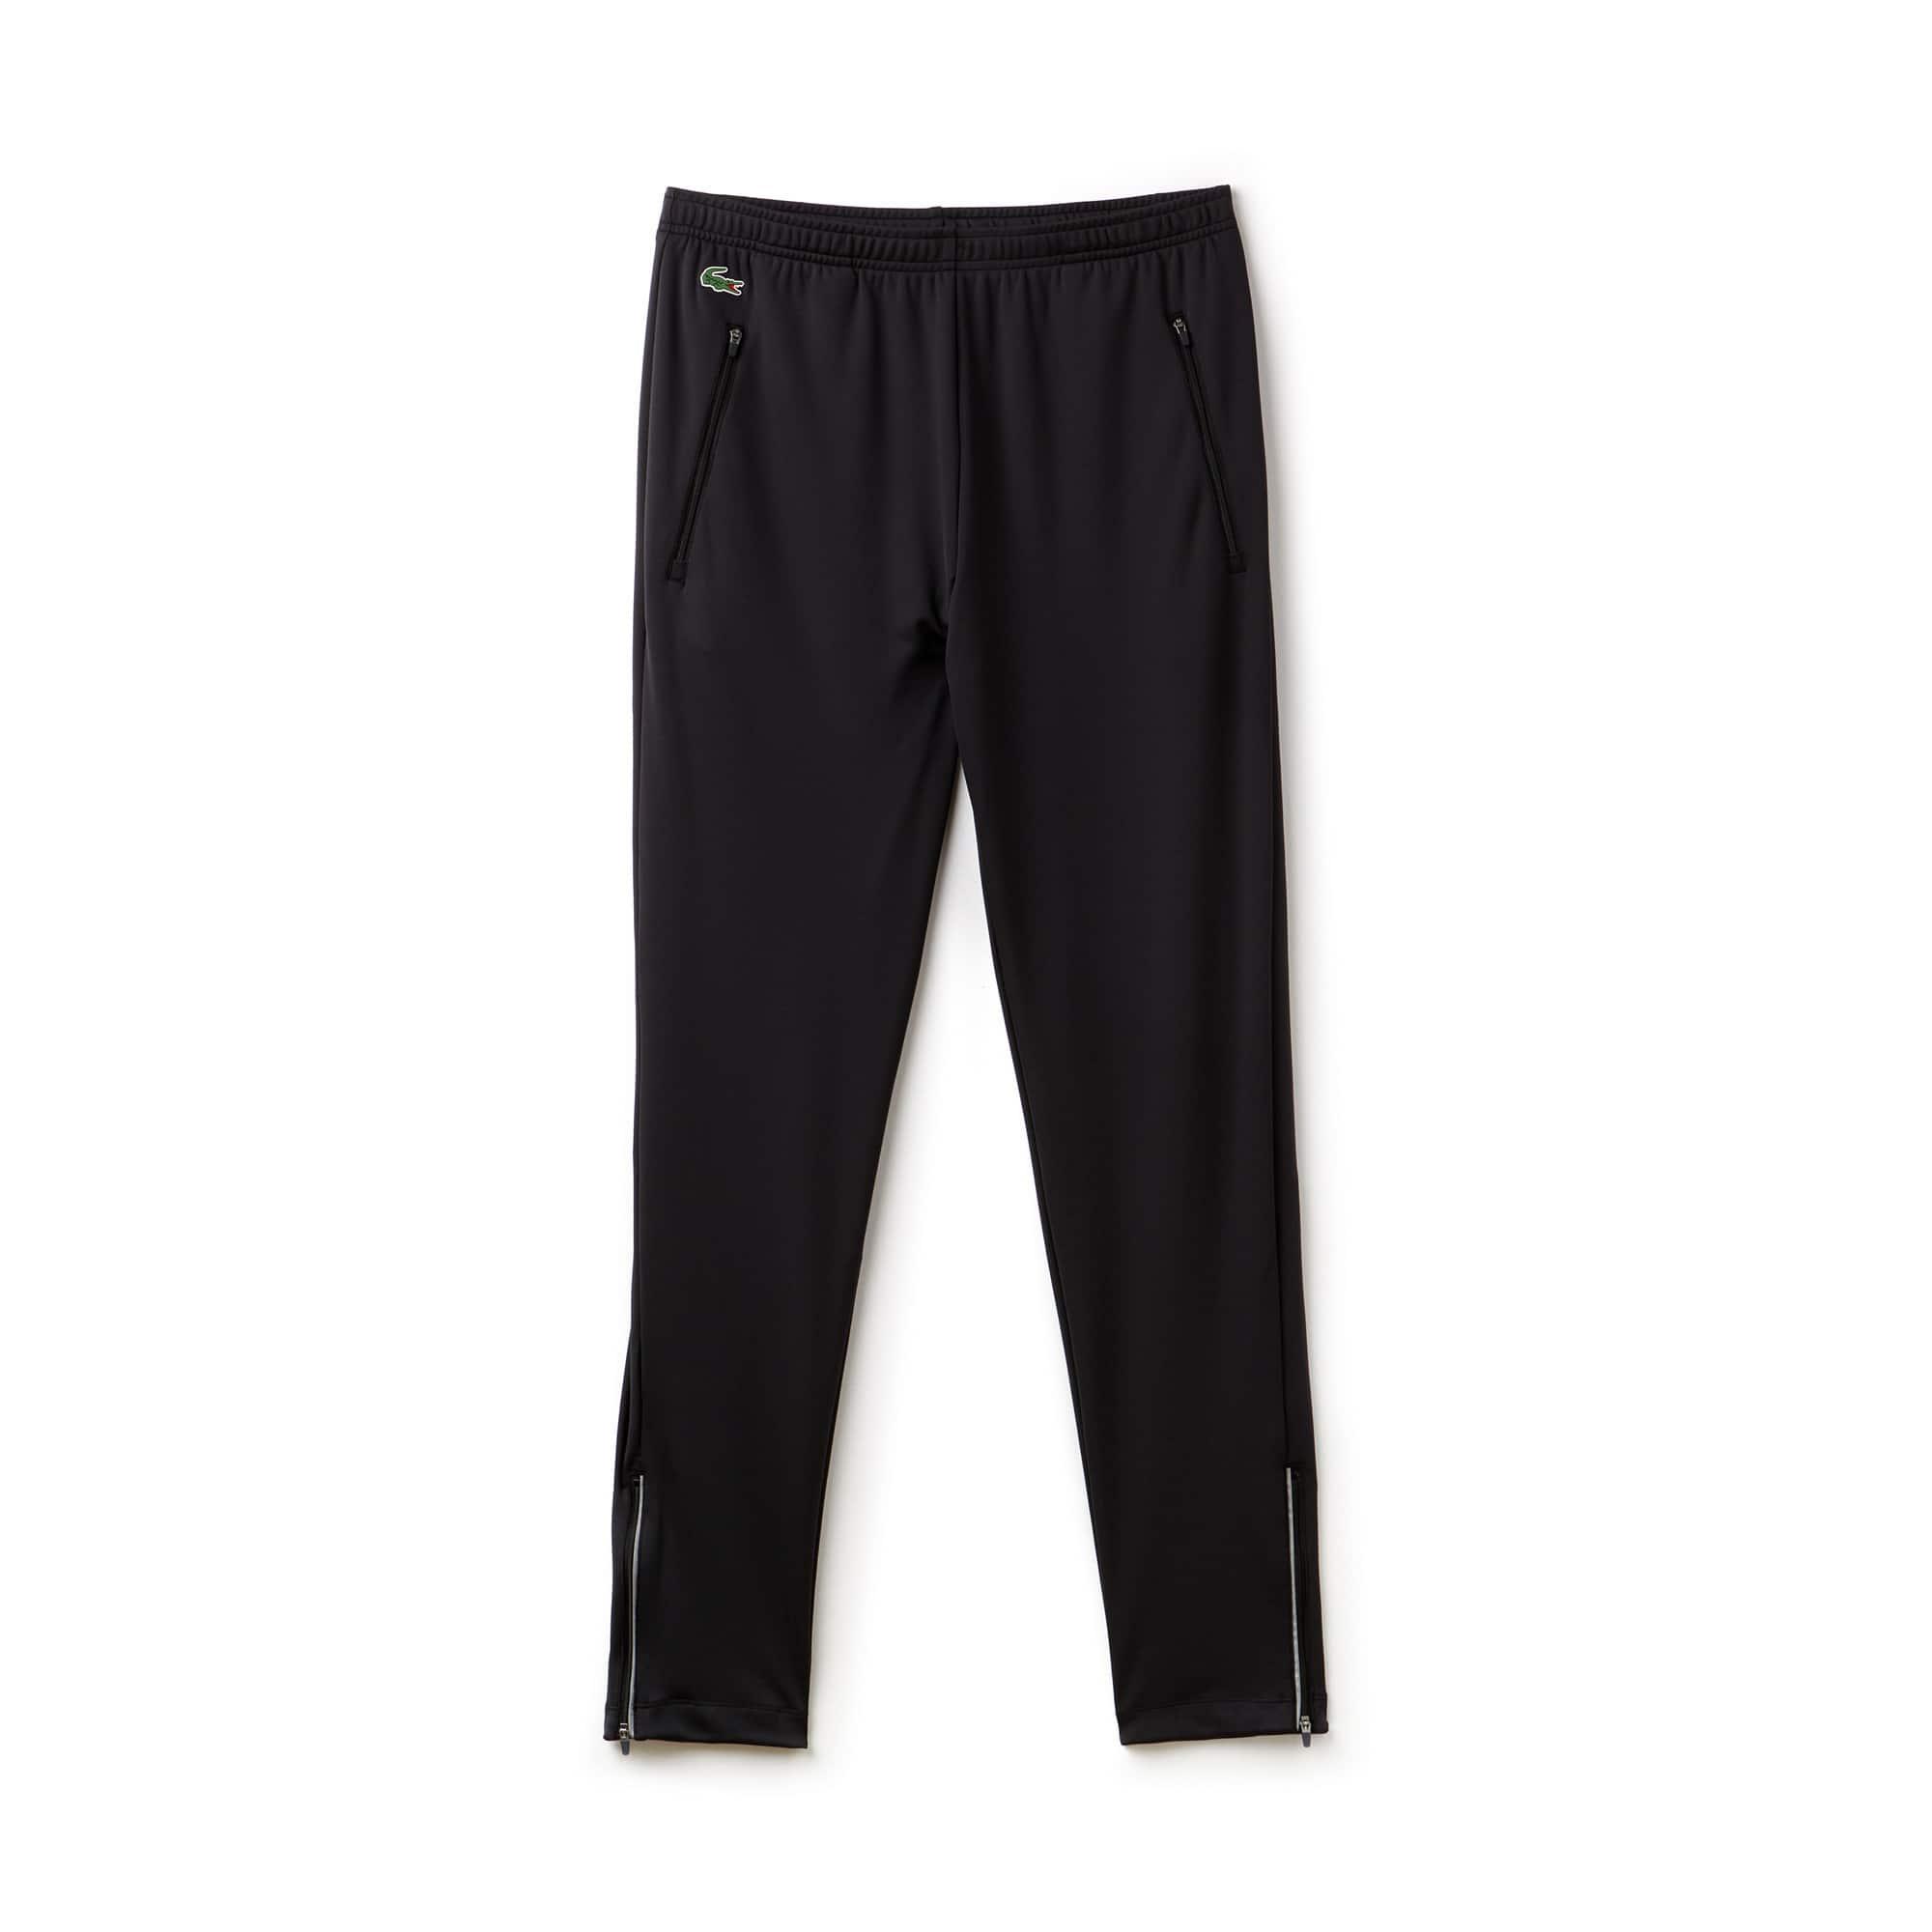 Pantaloni tuta Lacoste SPORT COLLEZIONE NOVAK DJOKOVIC SUPPORT WITH STYLE in jersey stretch tecnico